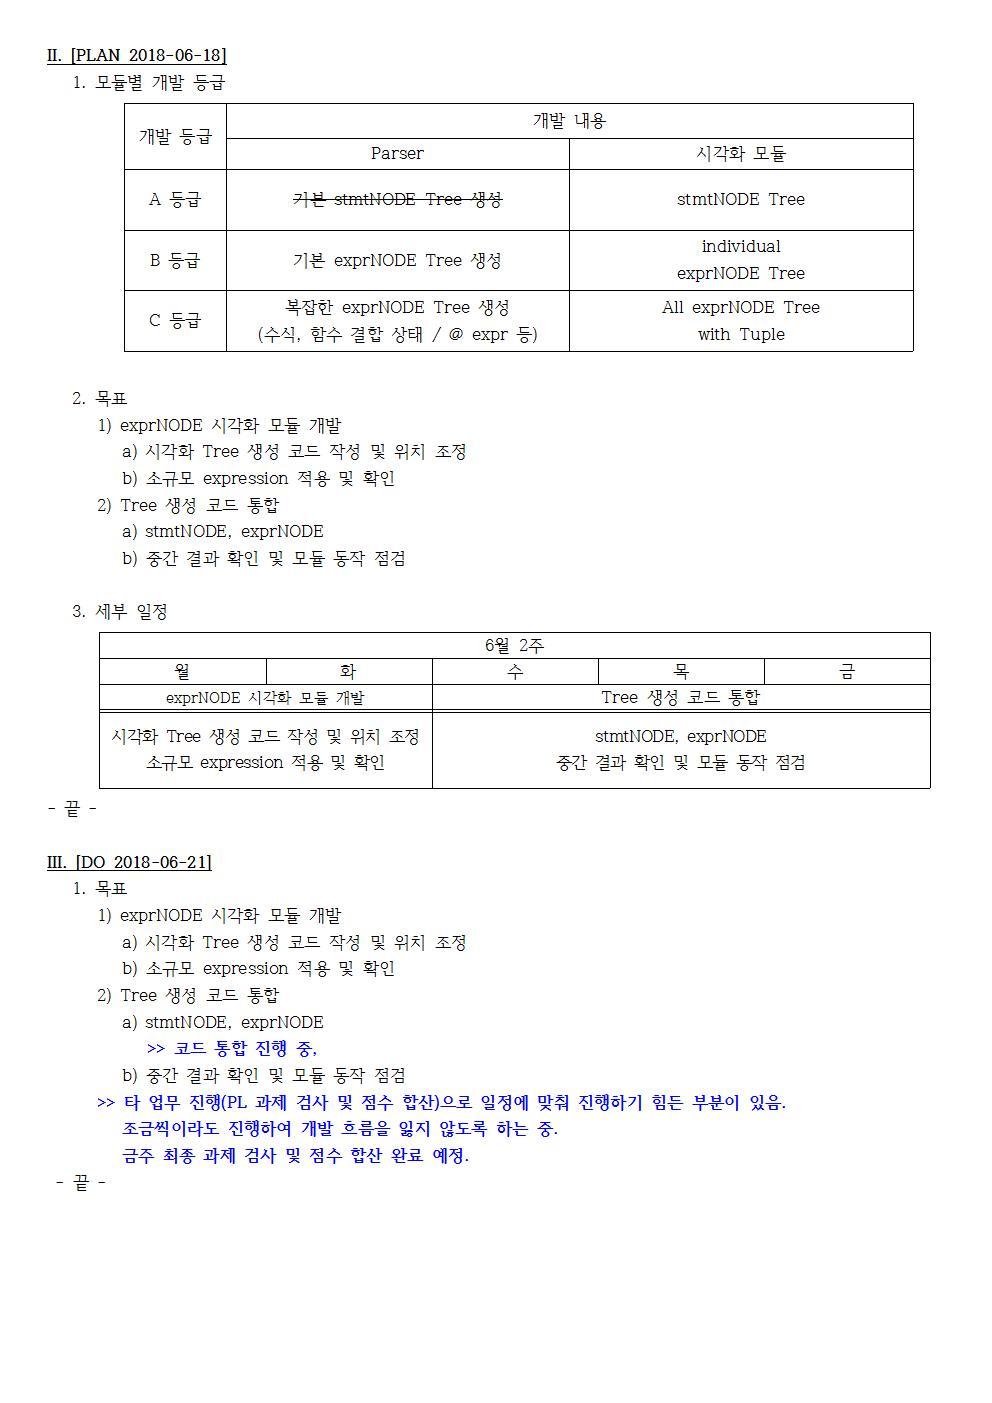 D-[18-003-RD-03]-[SRRE]-[2018-06-21][JS]002.jpg